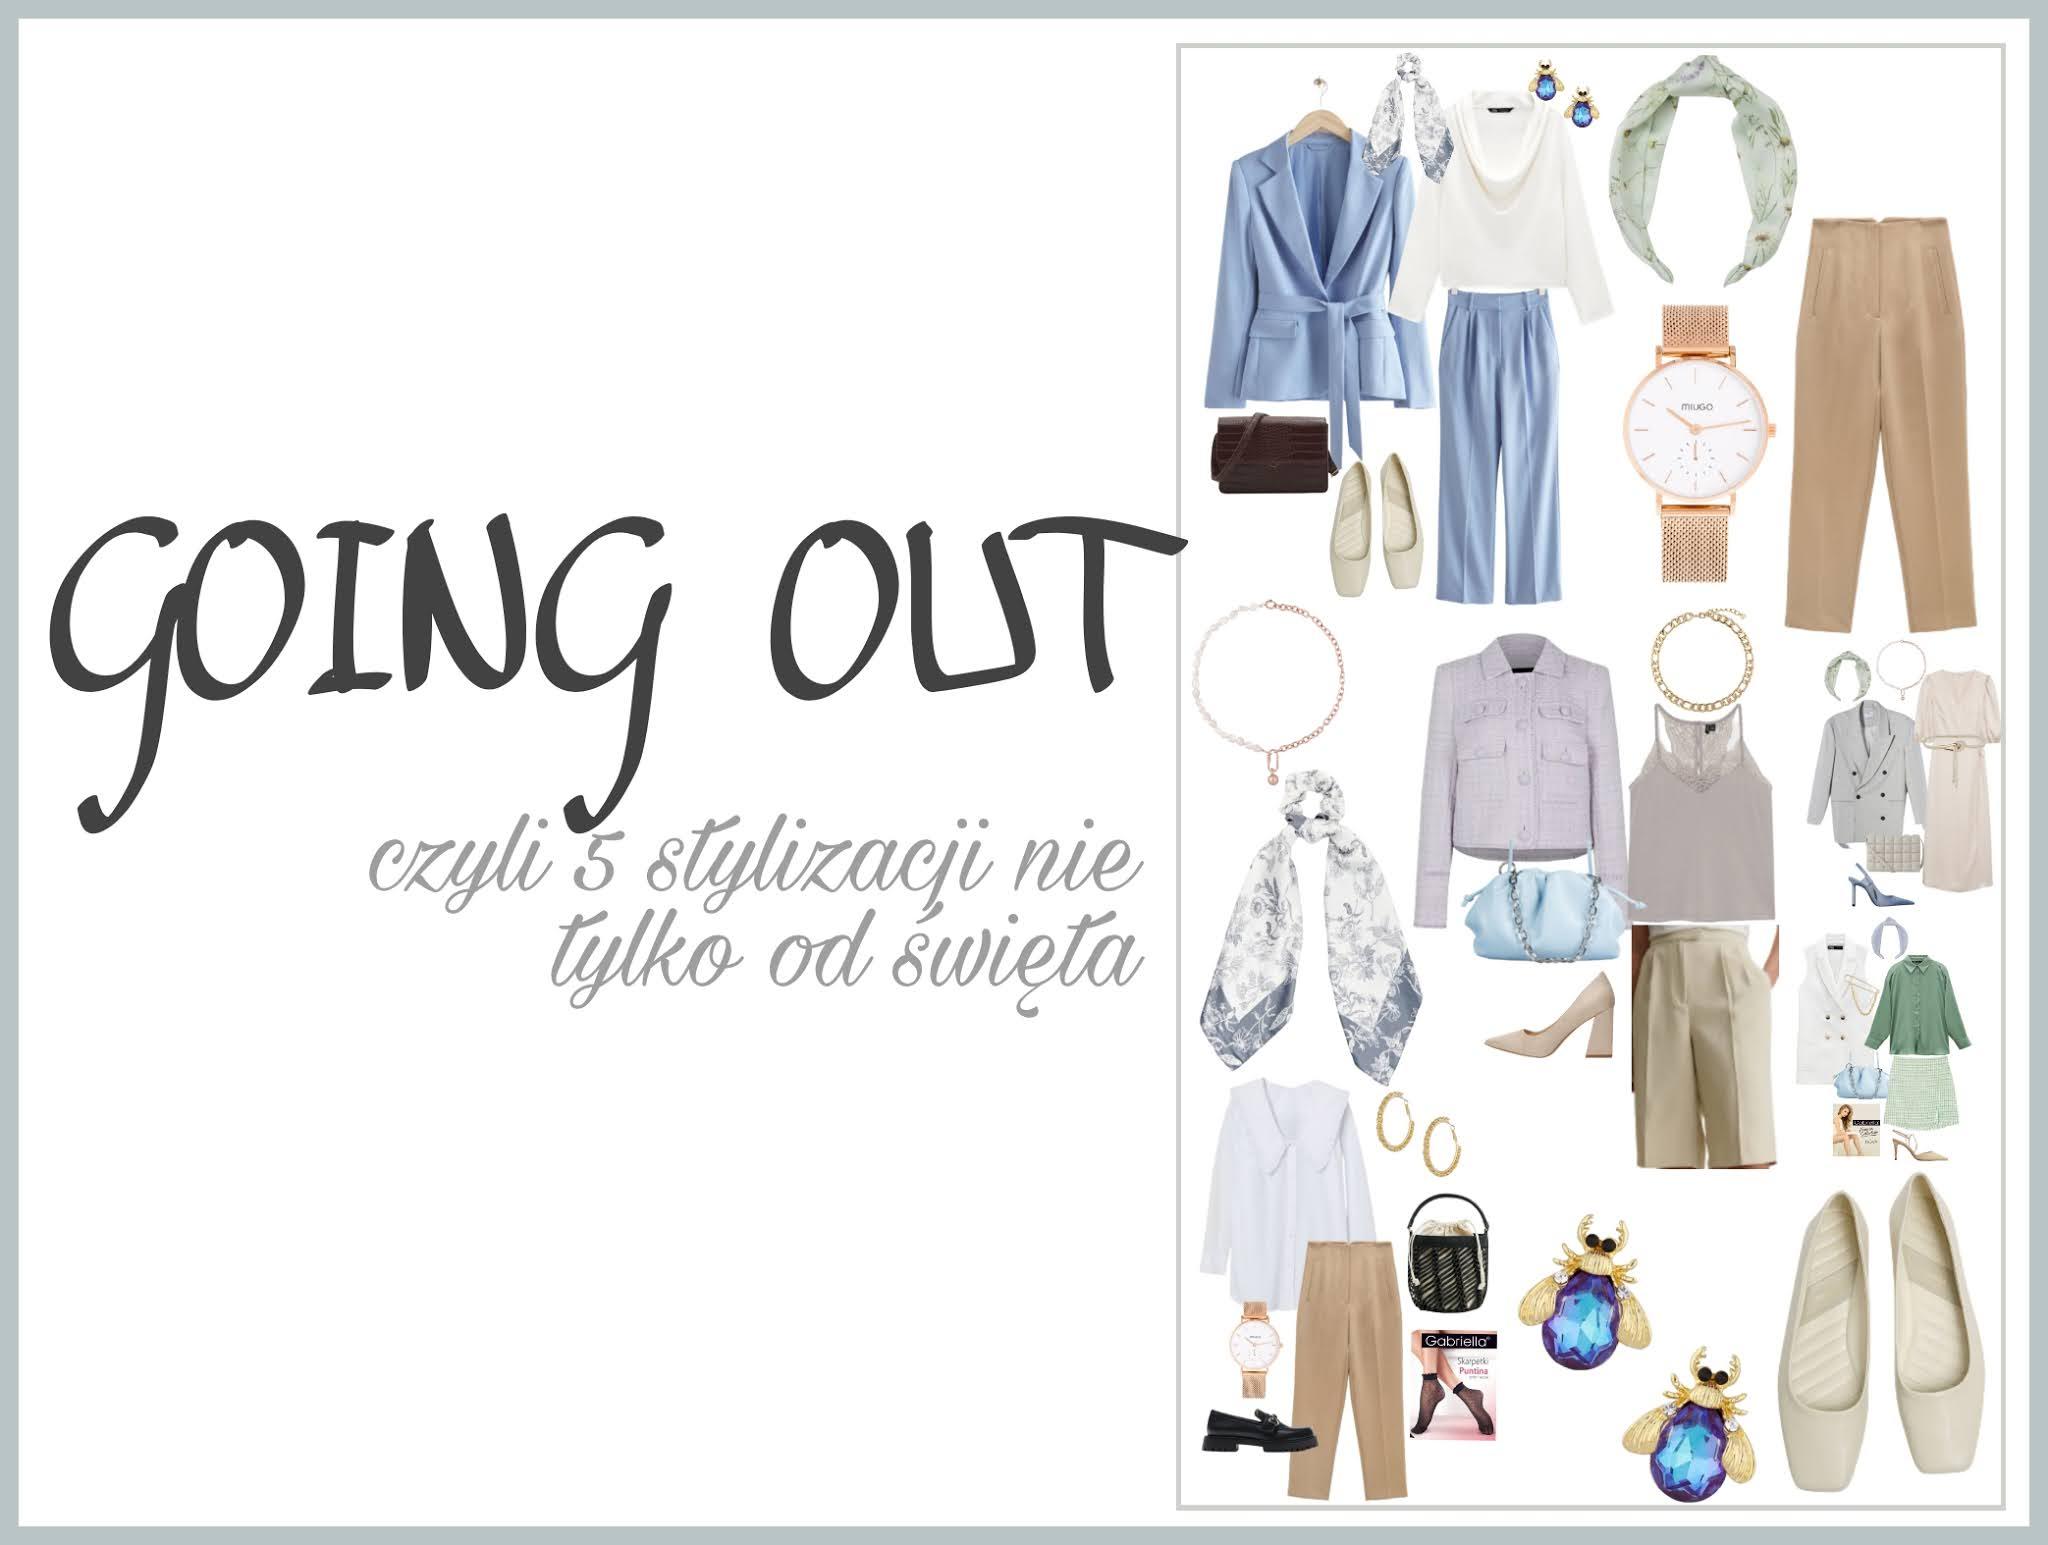 Going out czyli 5 stylizacji nie tylko na święta